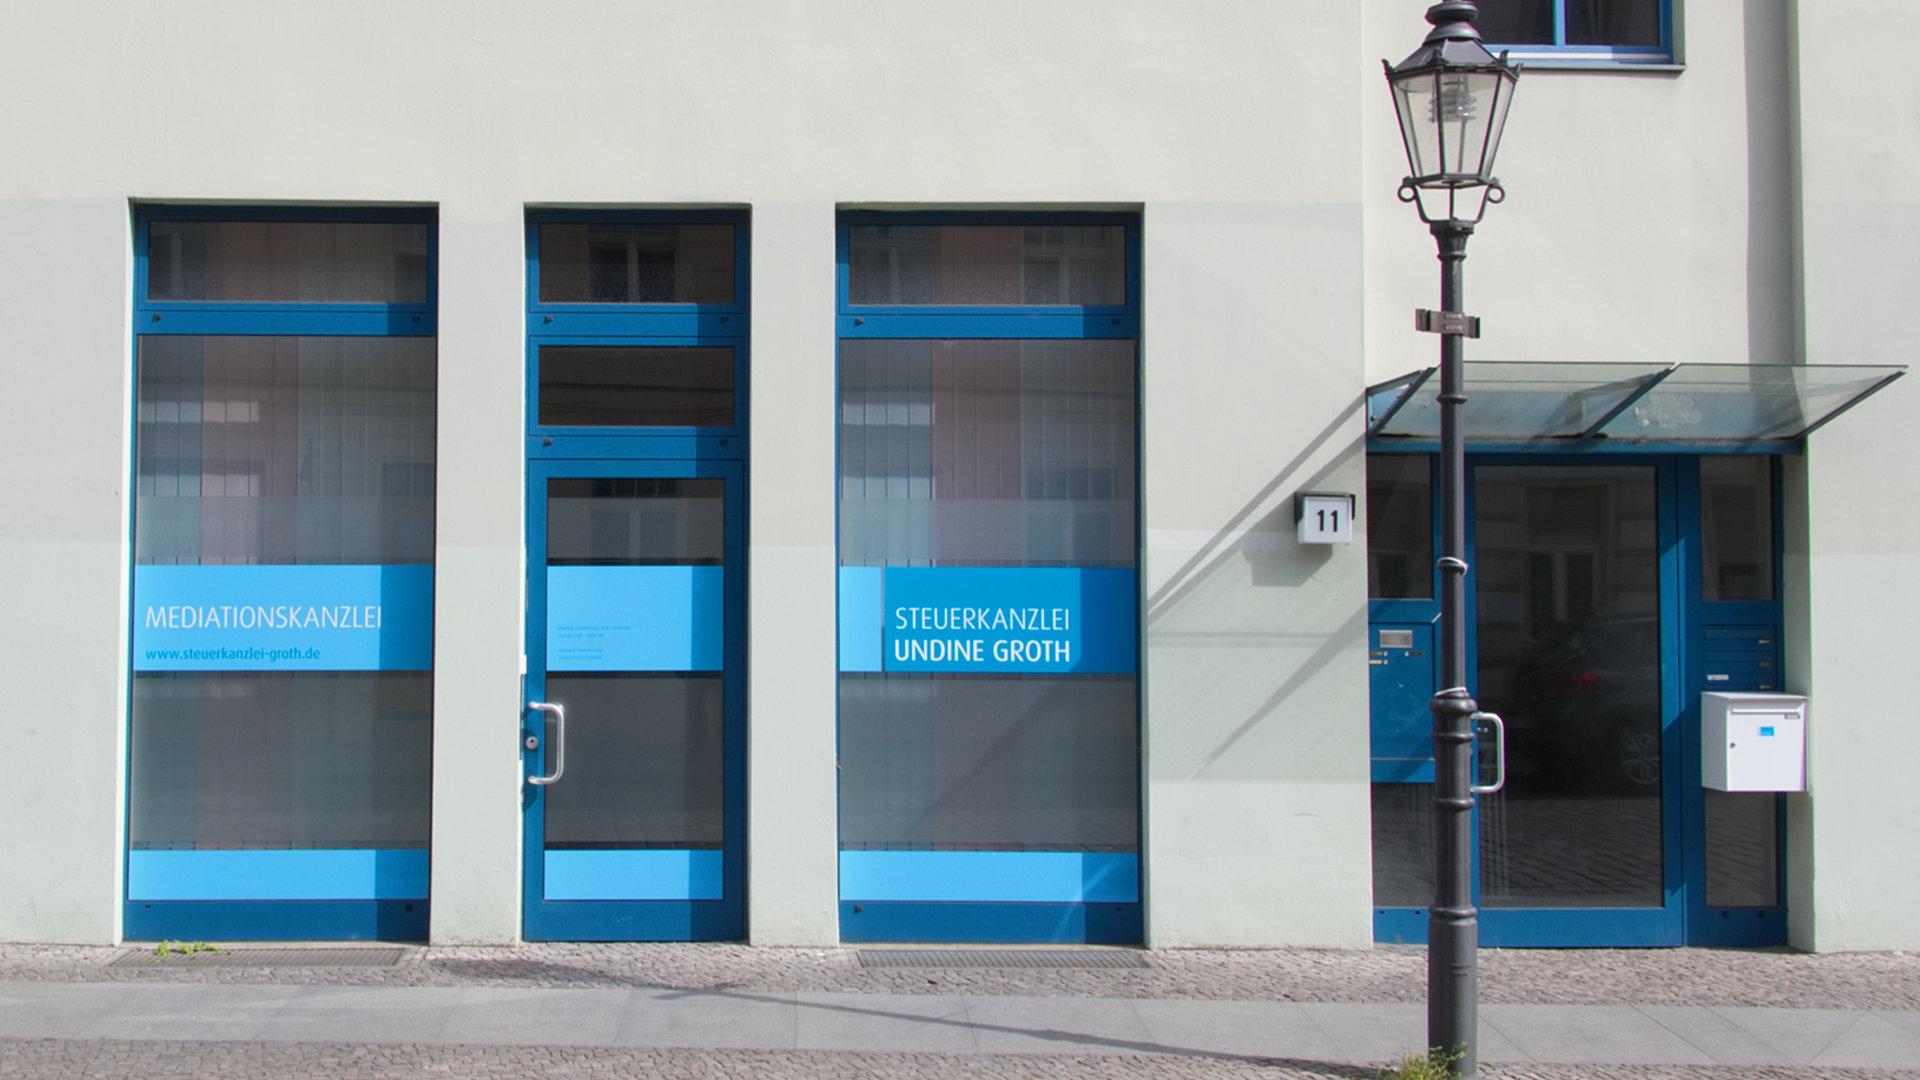 Steuerkanzlei Undine Groth in der Plauer Straße 11 in 14770 Brandenburg an der Havel